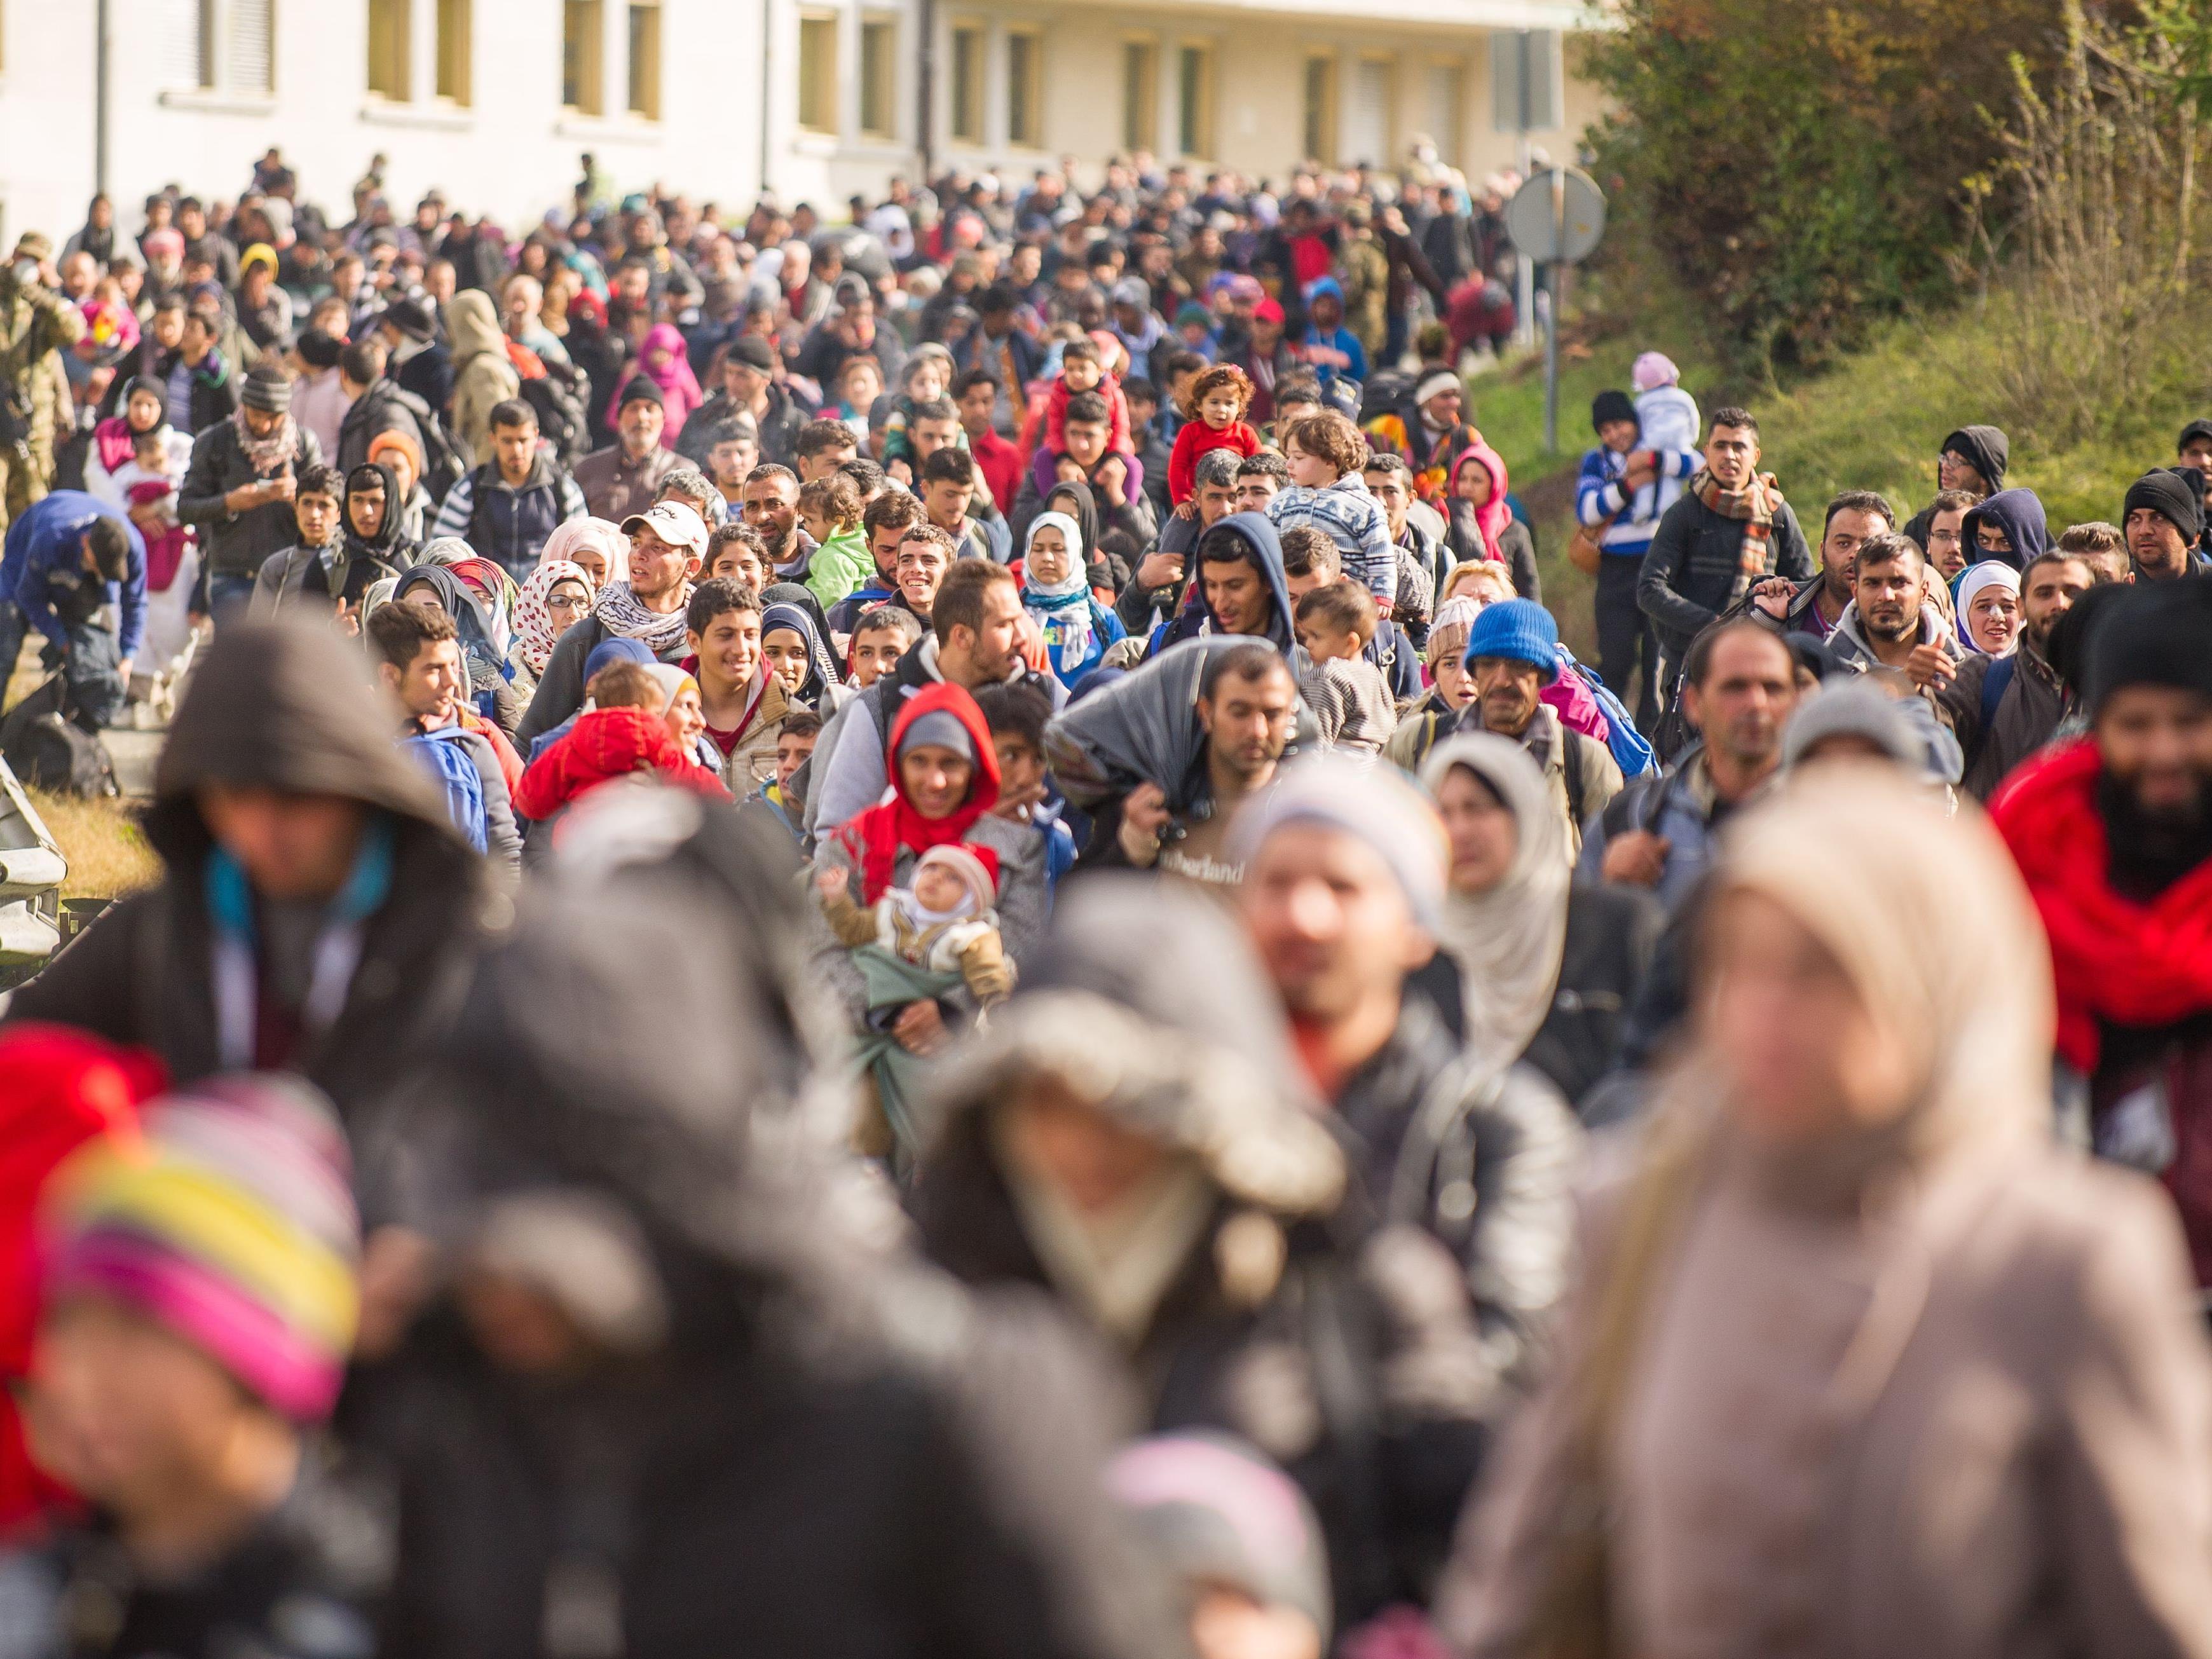 Tausende Flüchtlinge sind auf der Balkanroute unterwegs, die EU-Staaten ergehen sich in gegenseitigen Vorwürfen.